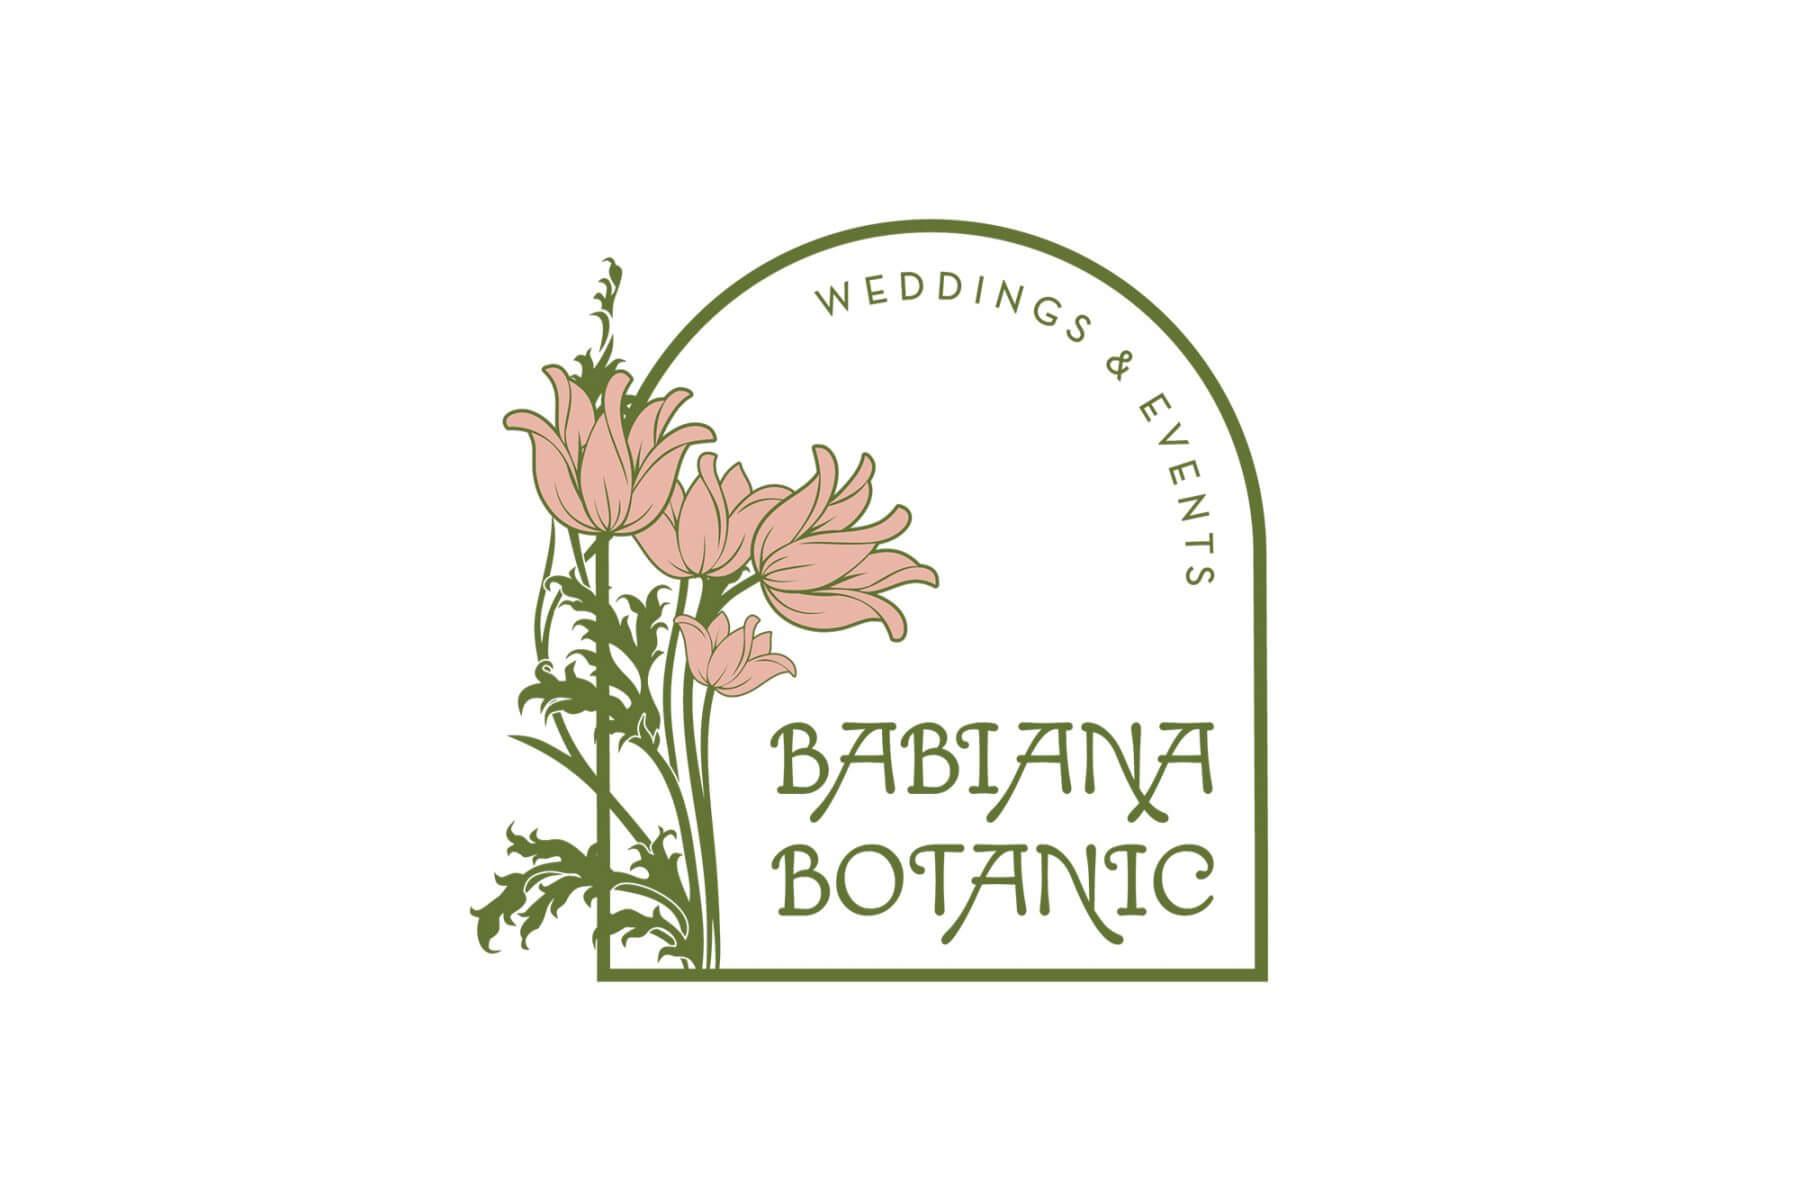 Babiana Botanic  by Wild Romantic Photography Melbourne